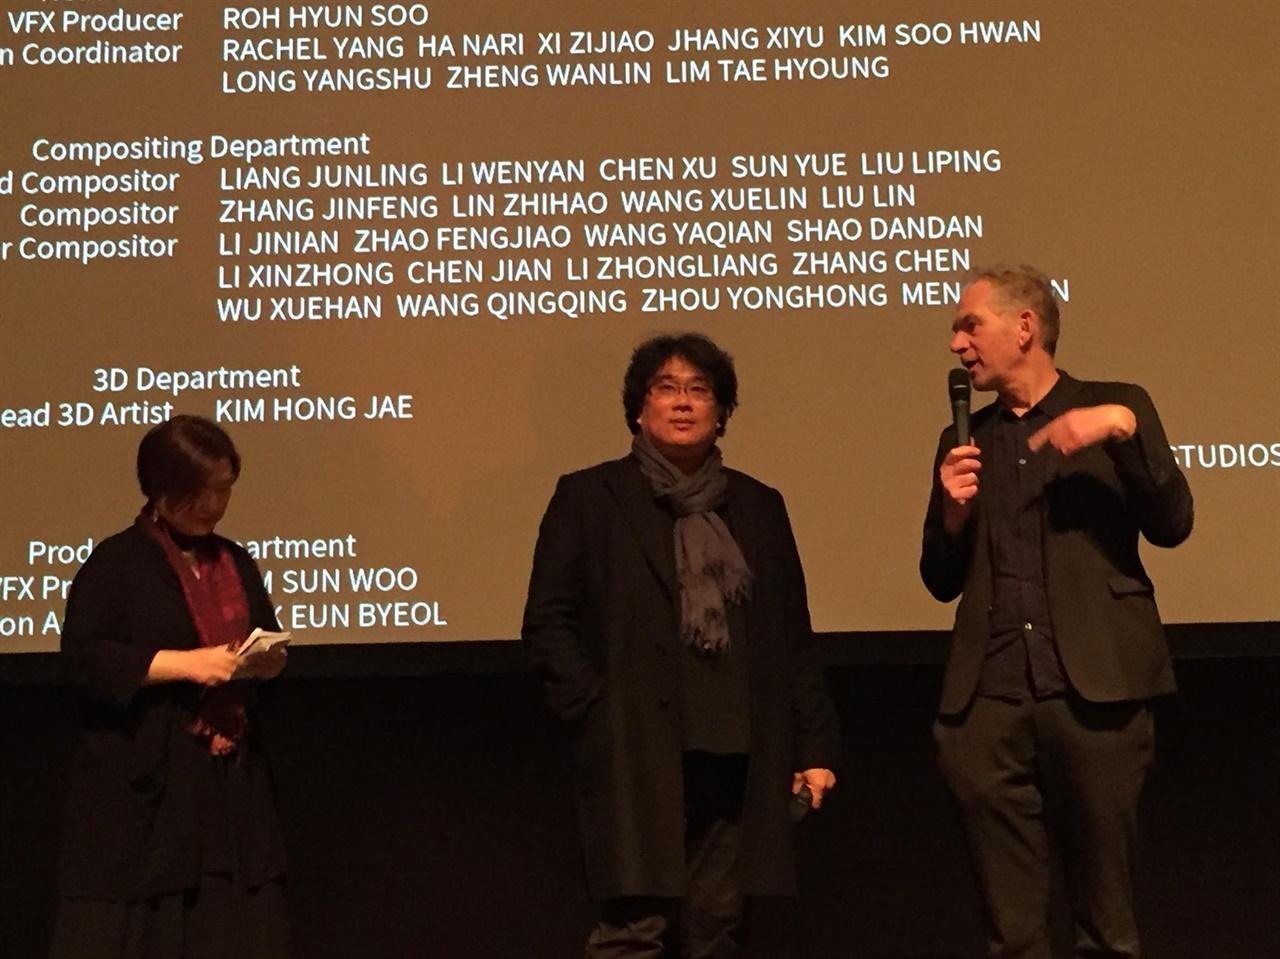 봉준호 감독은 지난 1월 29일 네덜란드 로테르담영화제를 찾아 <기생충> 흑백판 월드 프리미어 후 '관객과의 대화'(Q & A)를 진행했다.